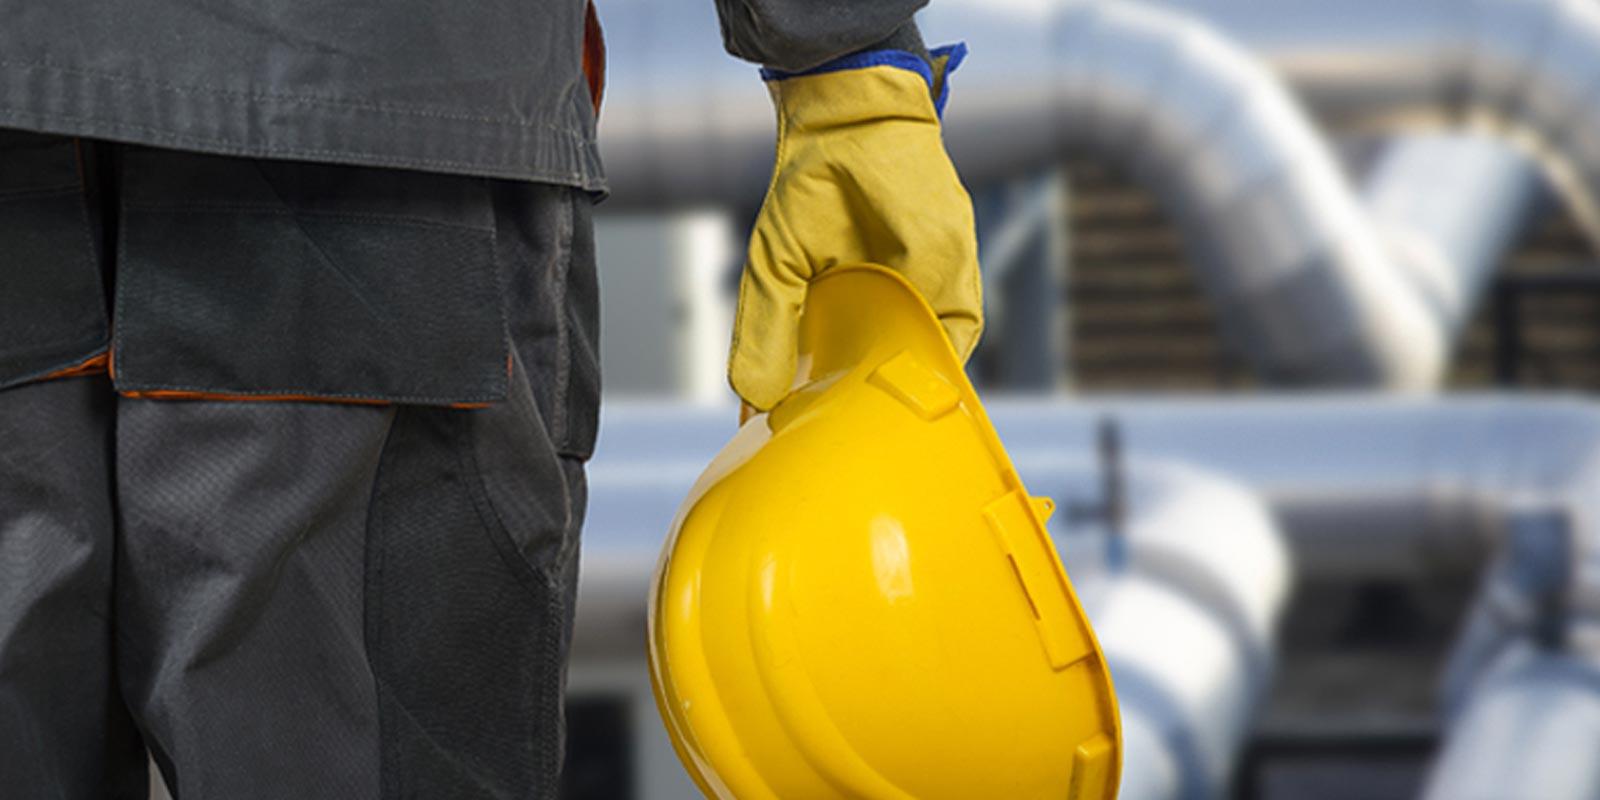 sicurezza lavoro responsabilità